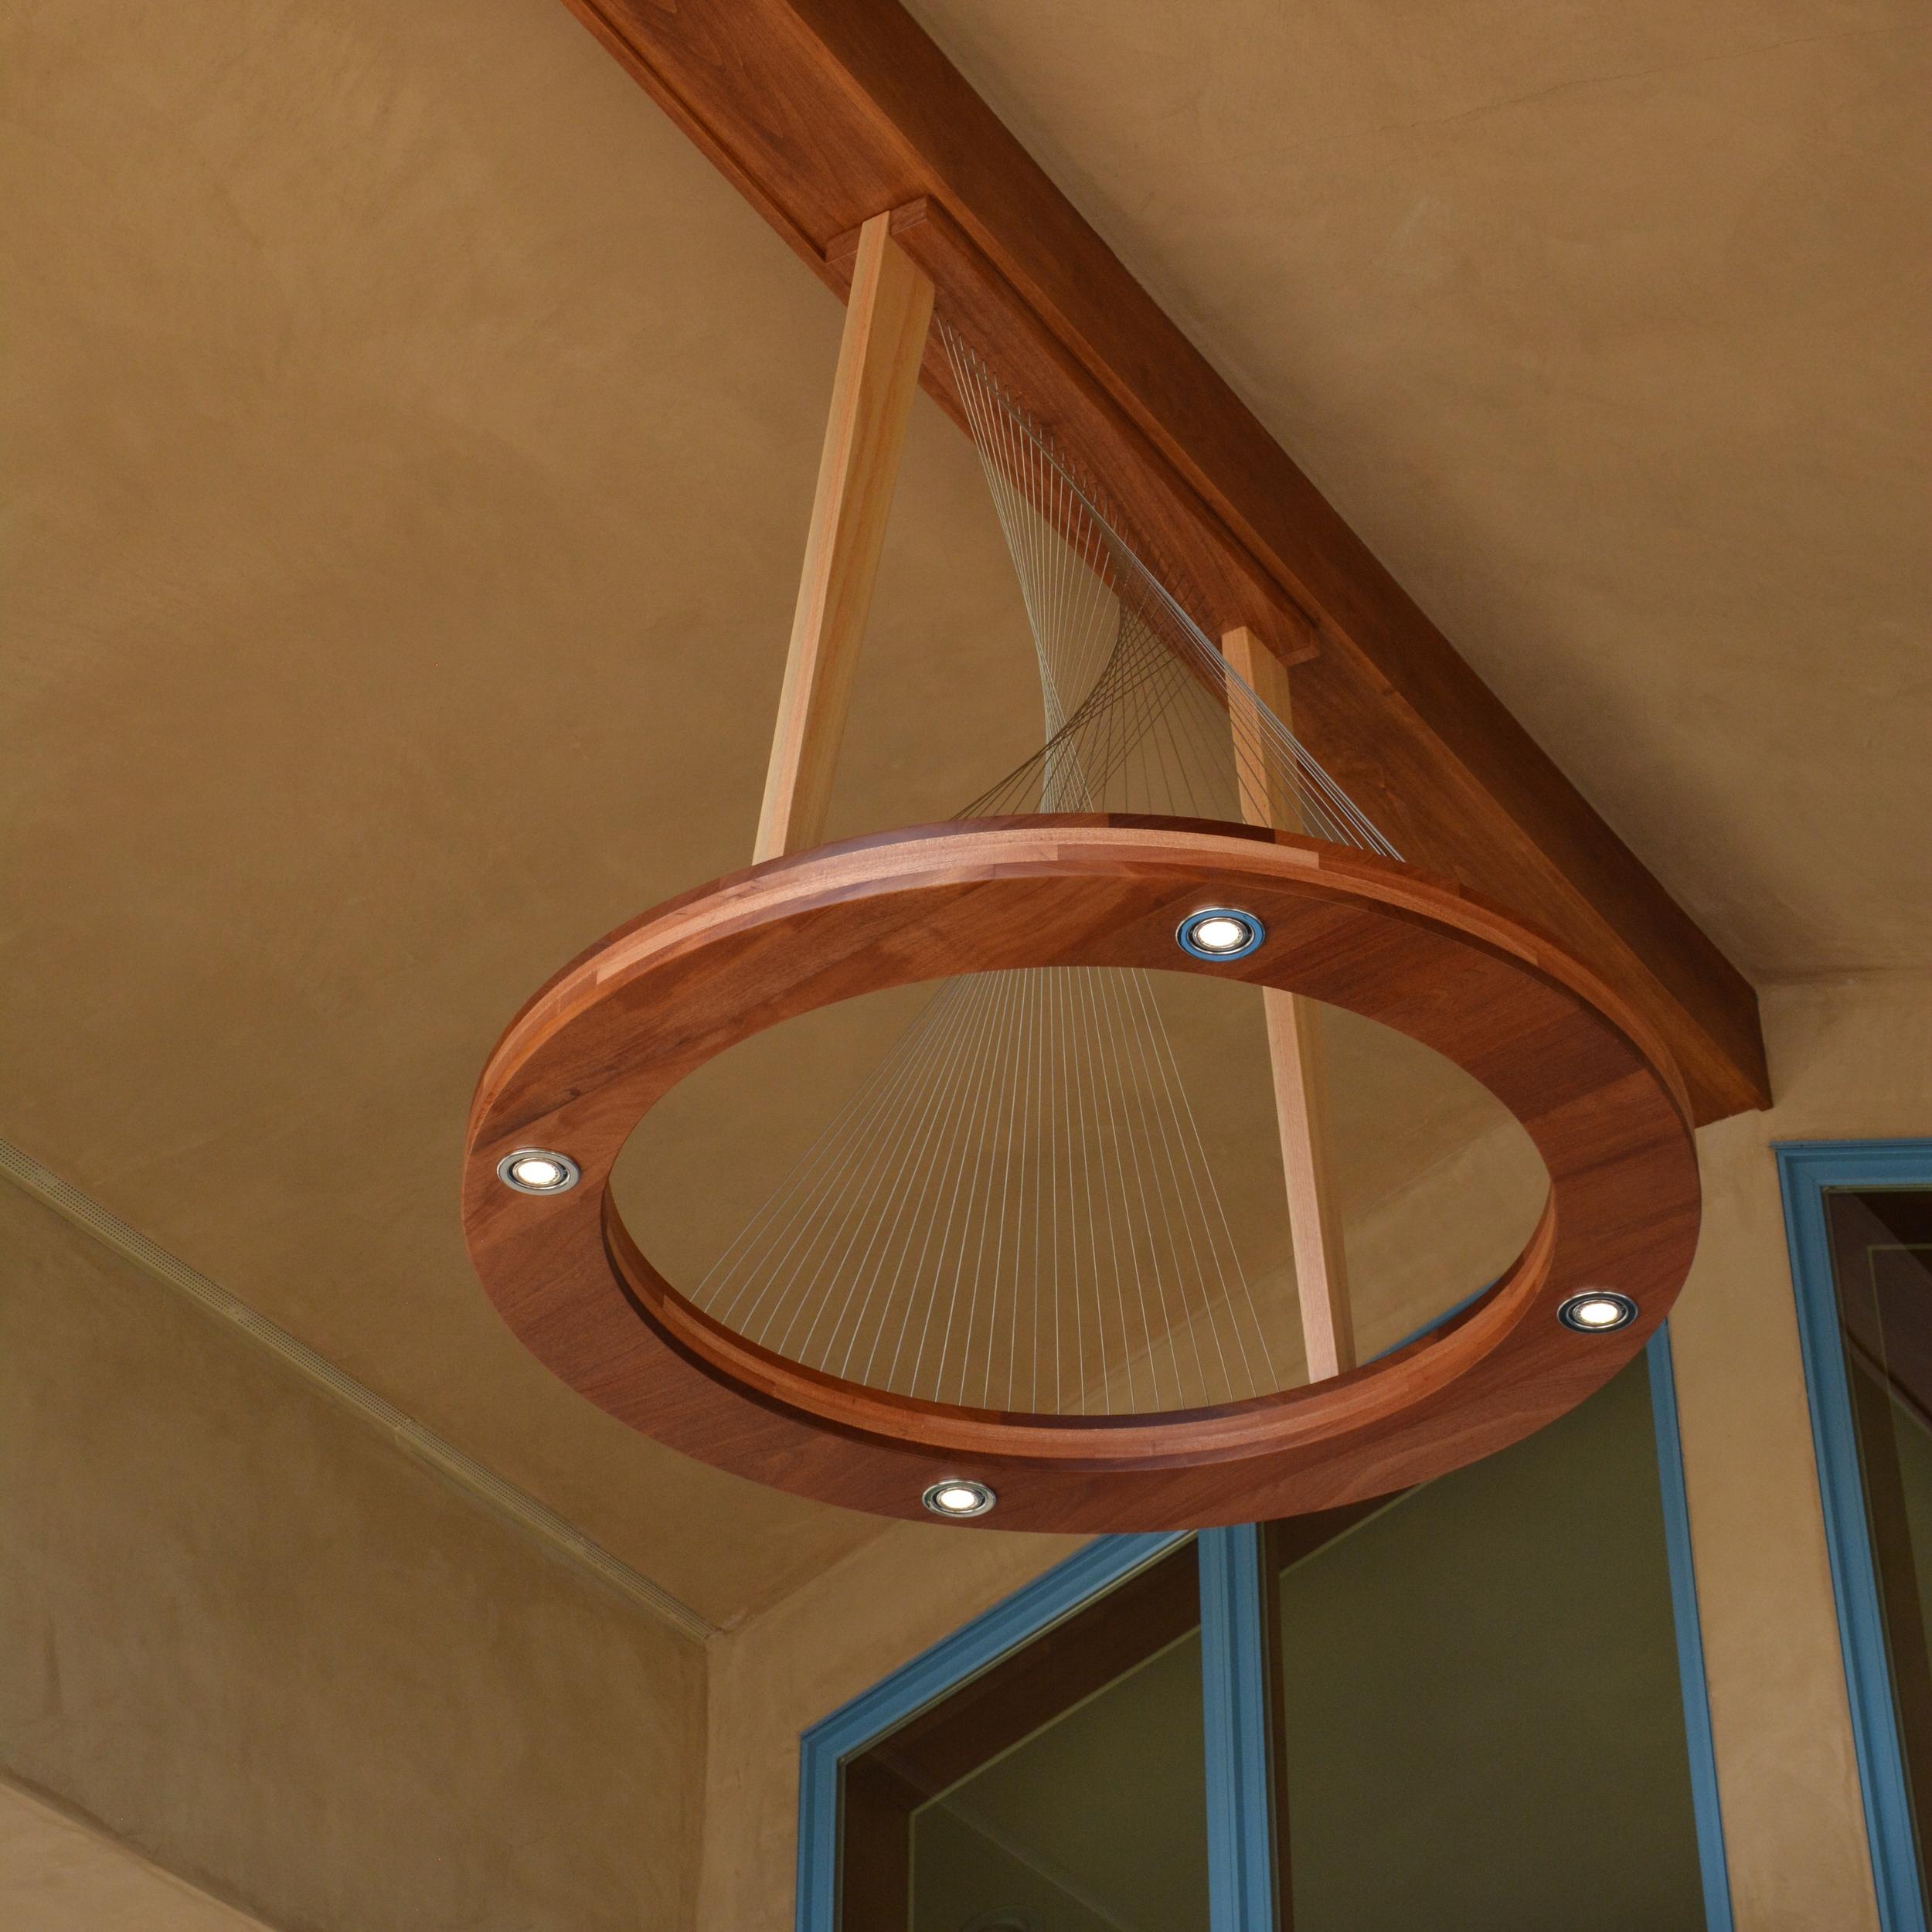 Ring Light by Robby Cuthbert - A modern outdoor light fixture